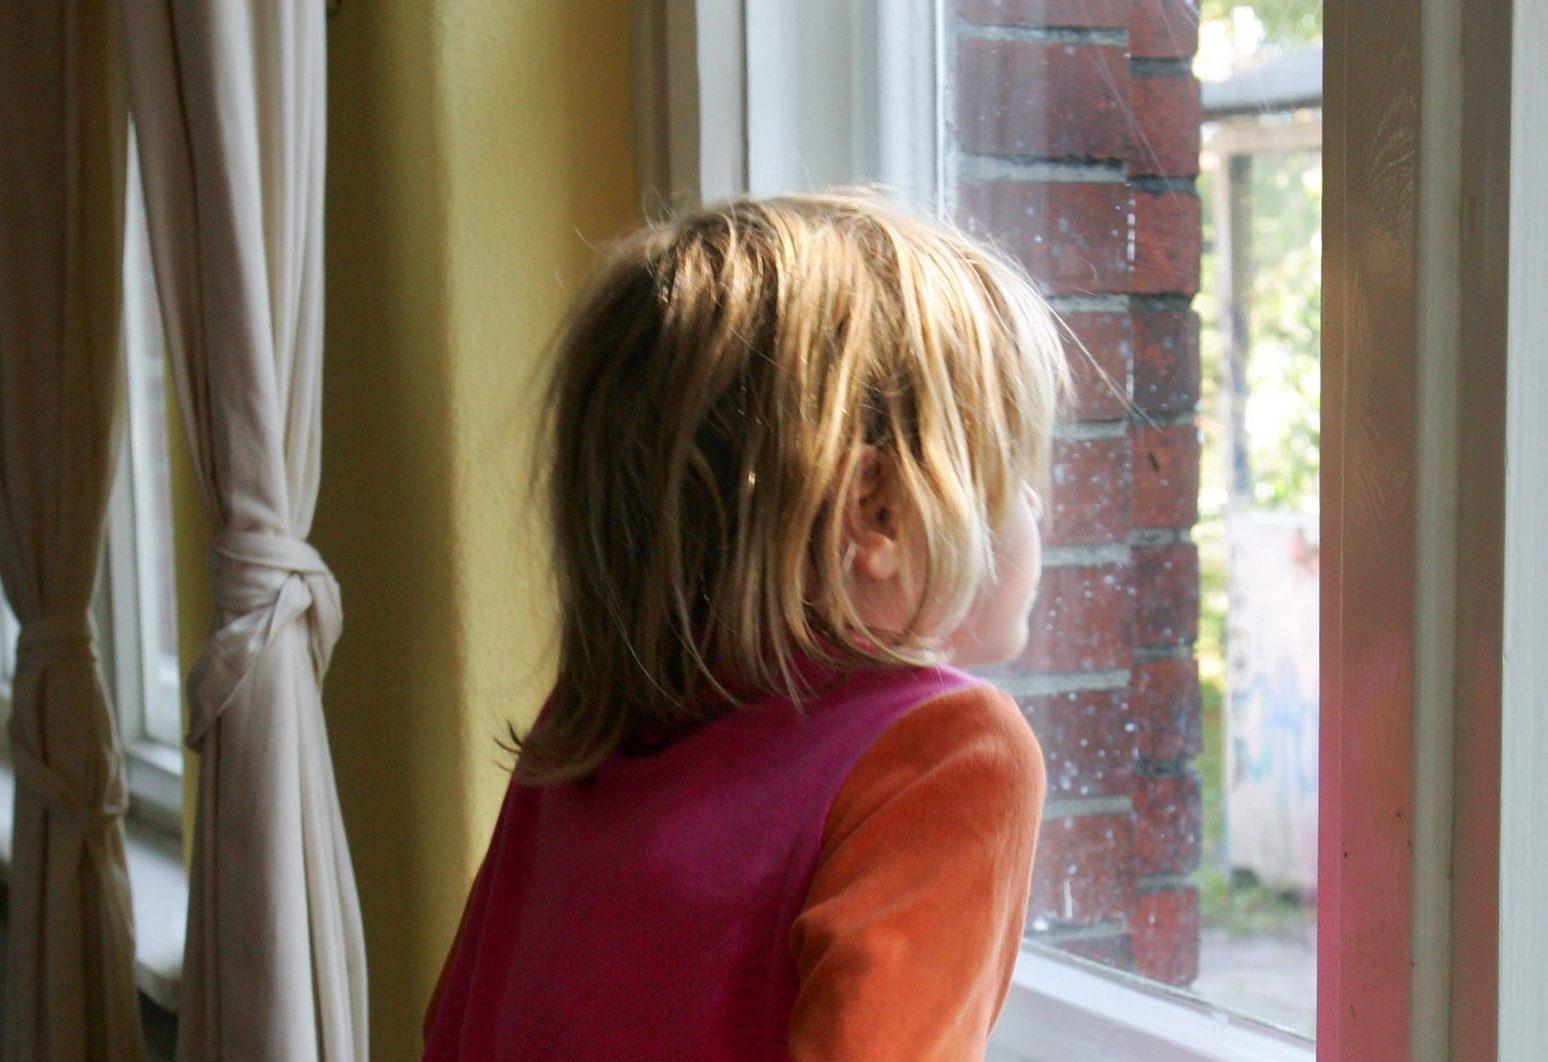 Hause kamen Bevor ihre nach Eltern Mordfall Suzane